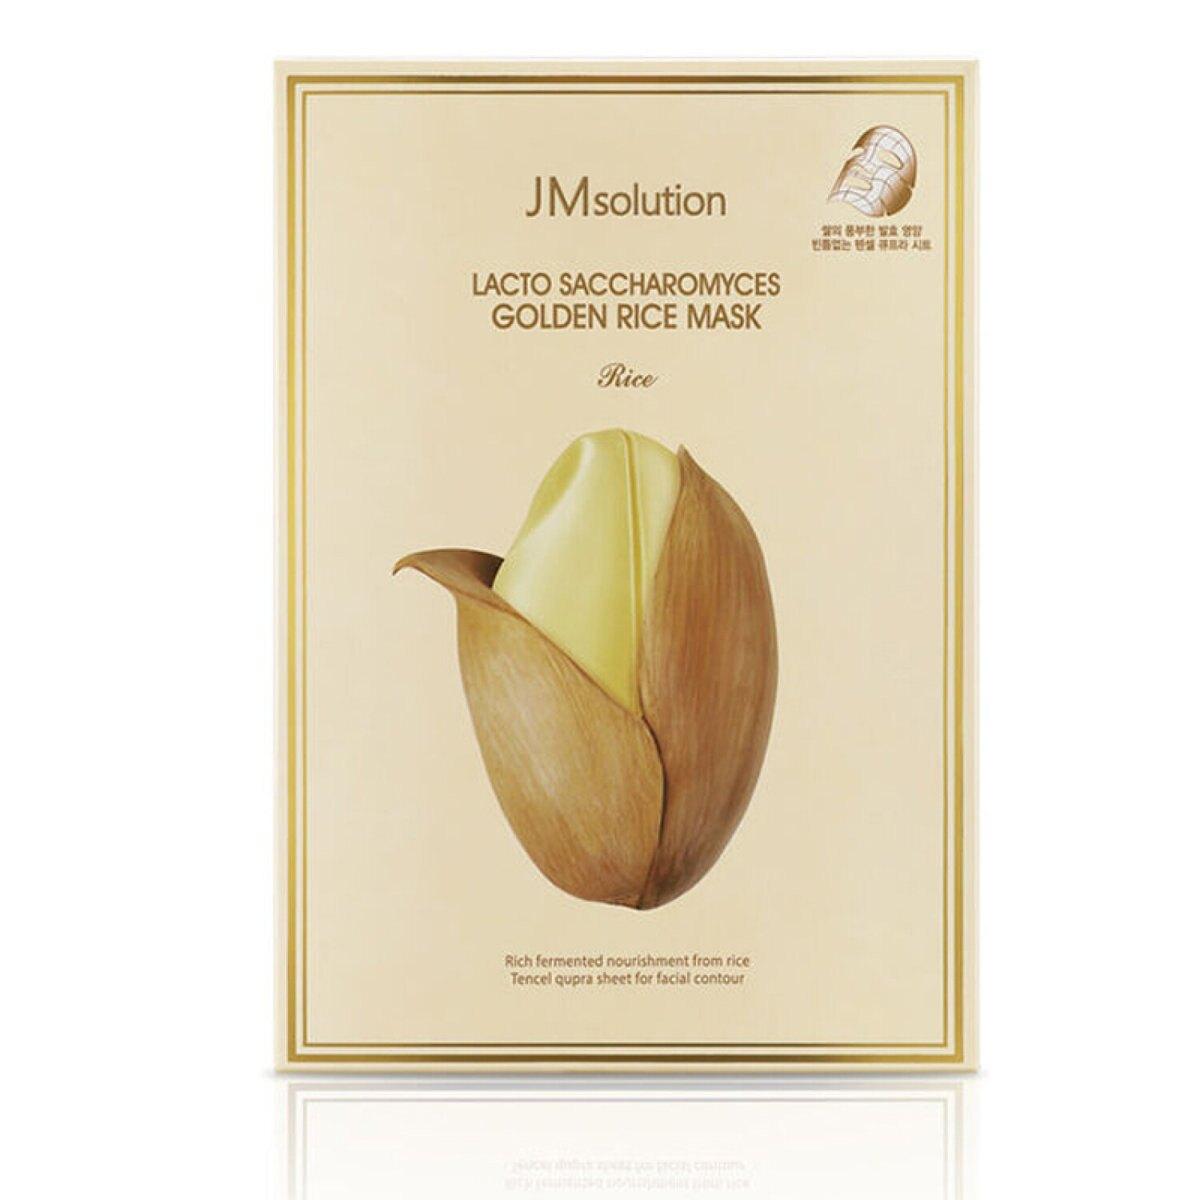 韓國 JM Solution 黃金大米酵母乳面膜 10片入 熱銷面膜 天絲面膜 超服貼 大米面膜   【SP嚴選家】